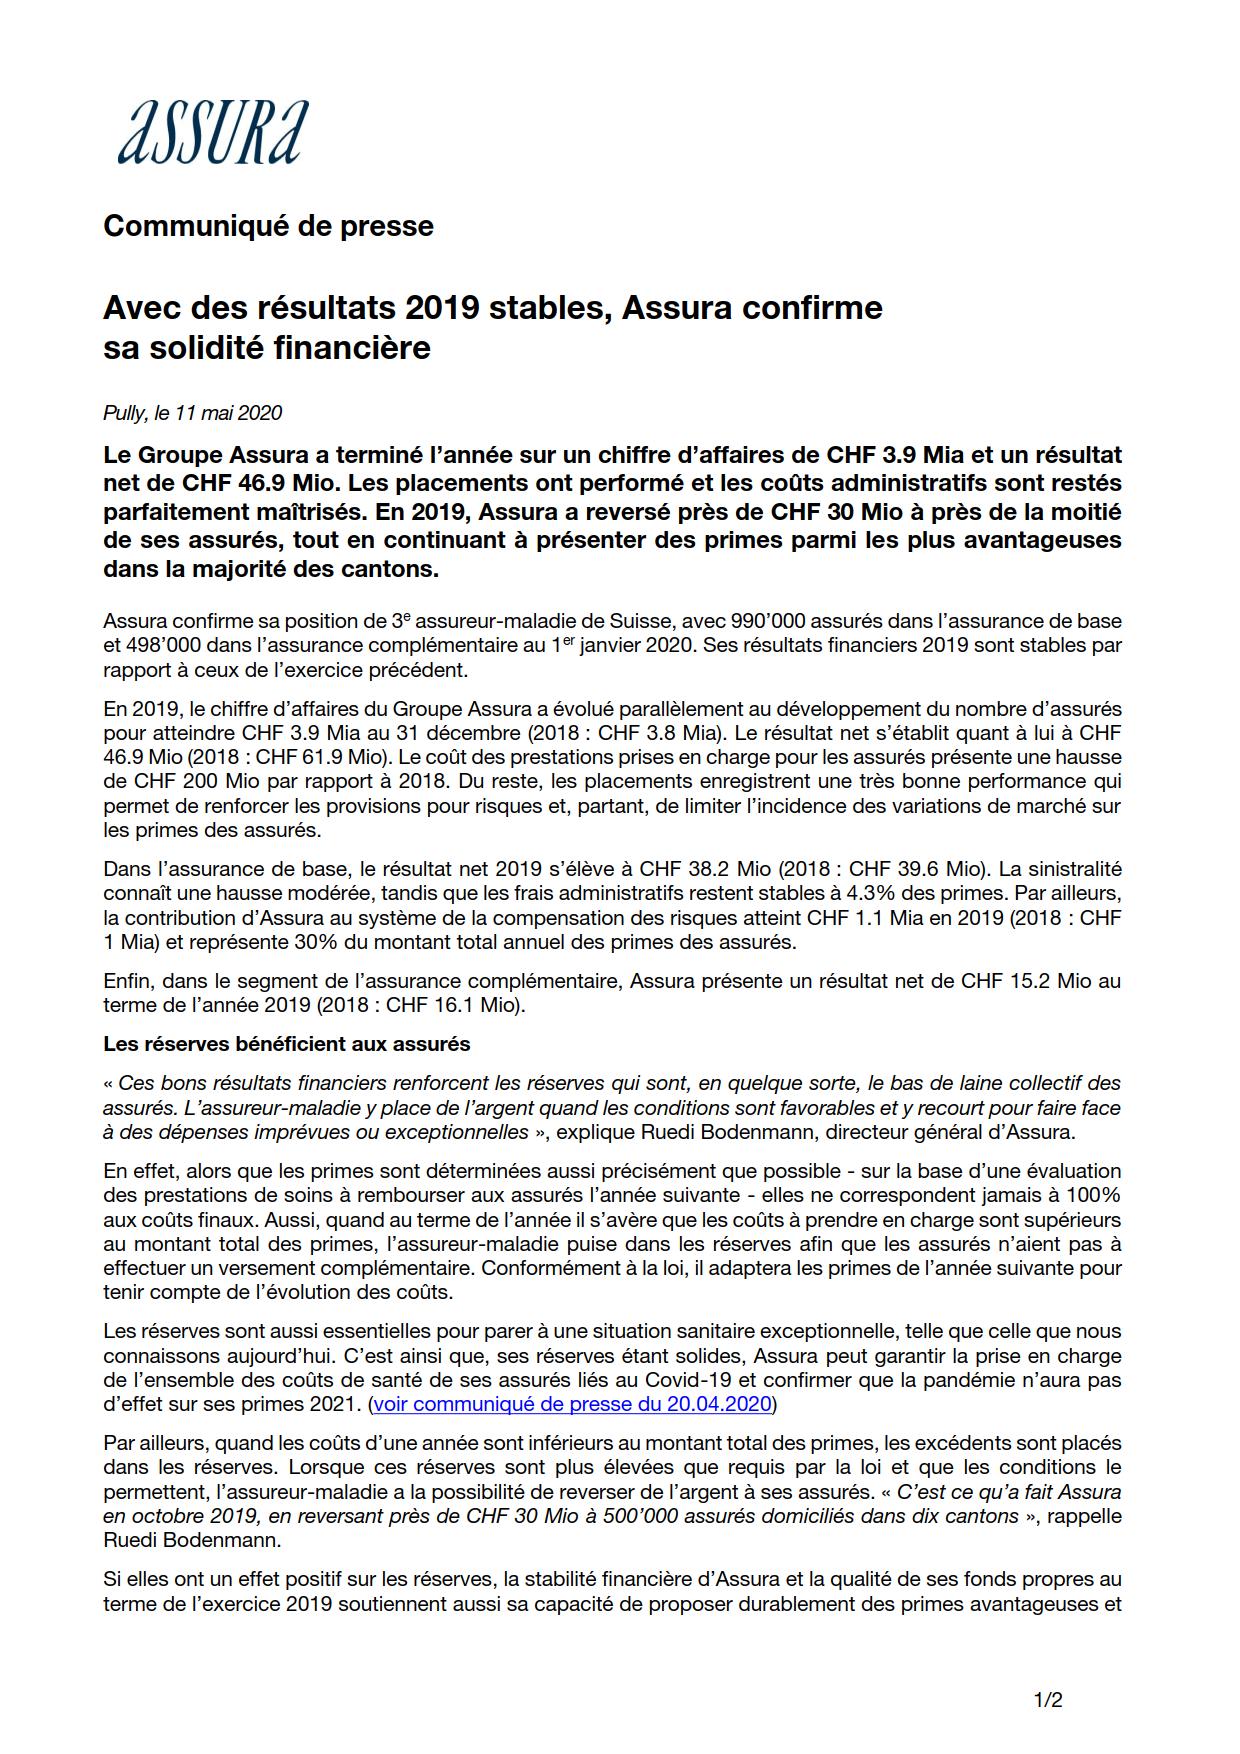 Thumbnail of Avec des résultats 2019 stables, Assura confirme sa solidité financière